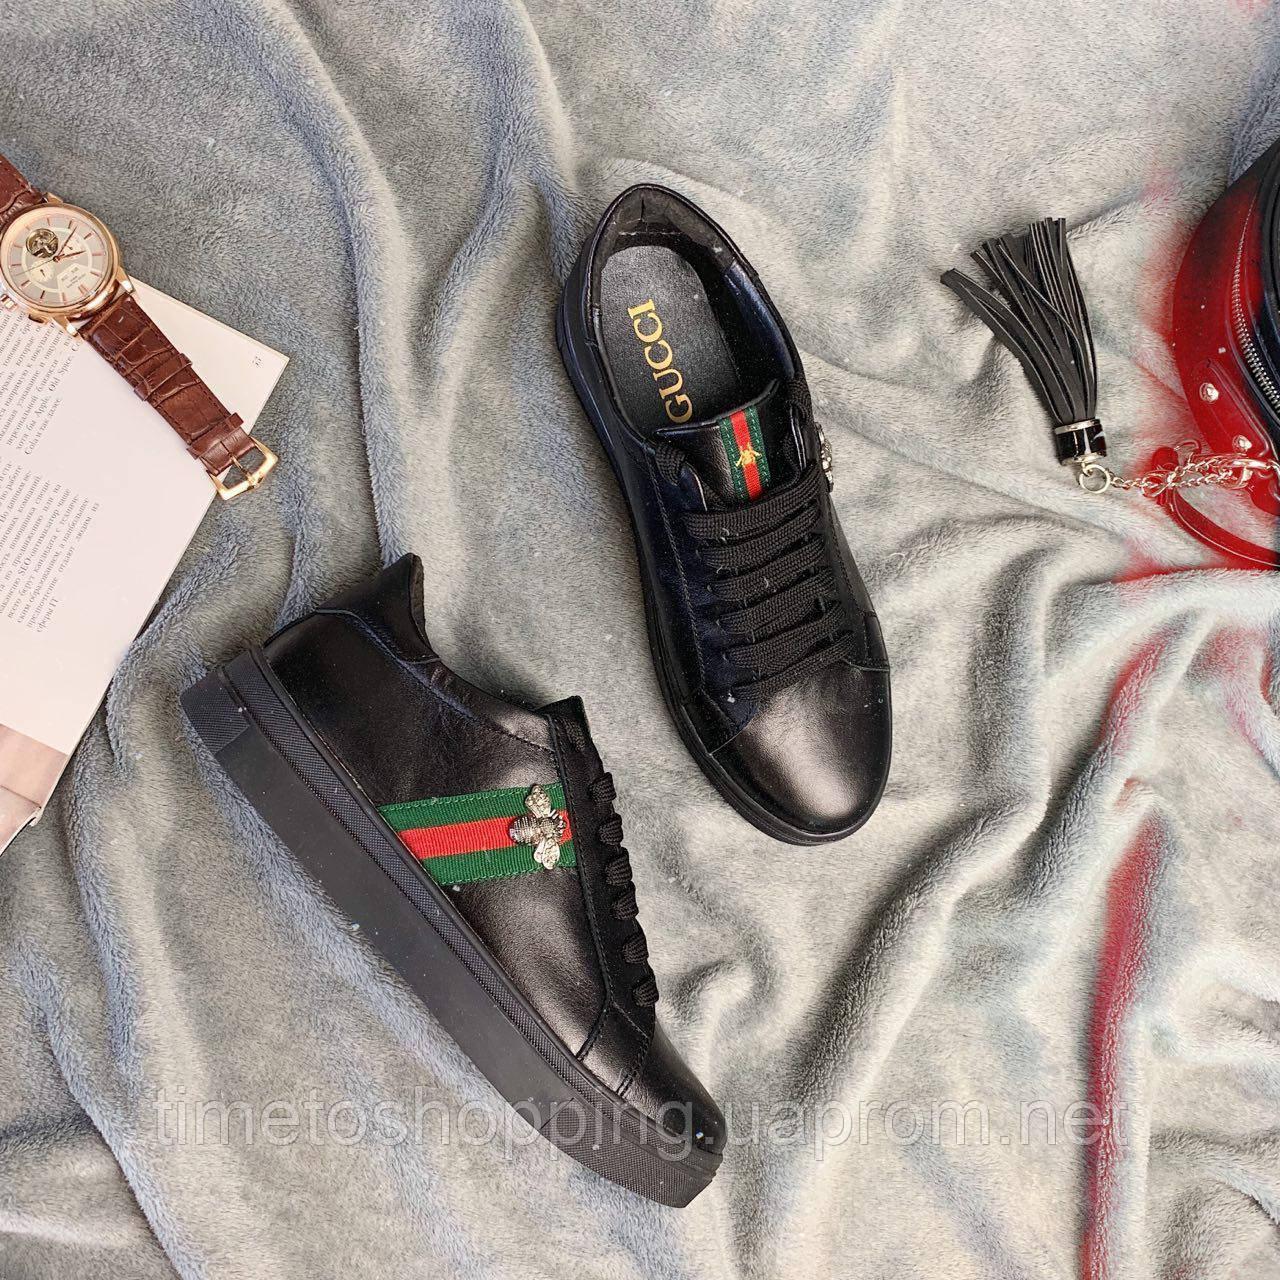 Кроссовки женские Gucci  13017 ⏩ [ 37.38,40 ]